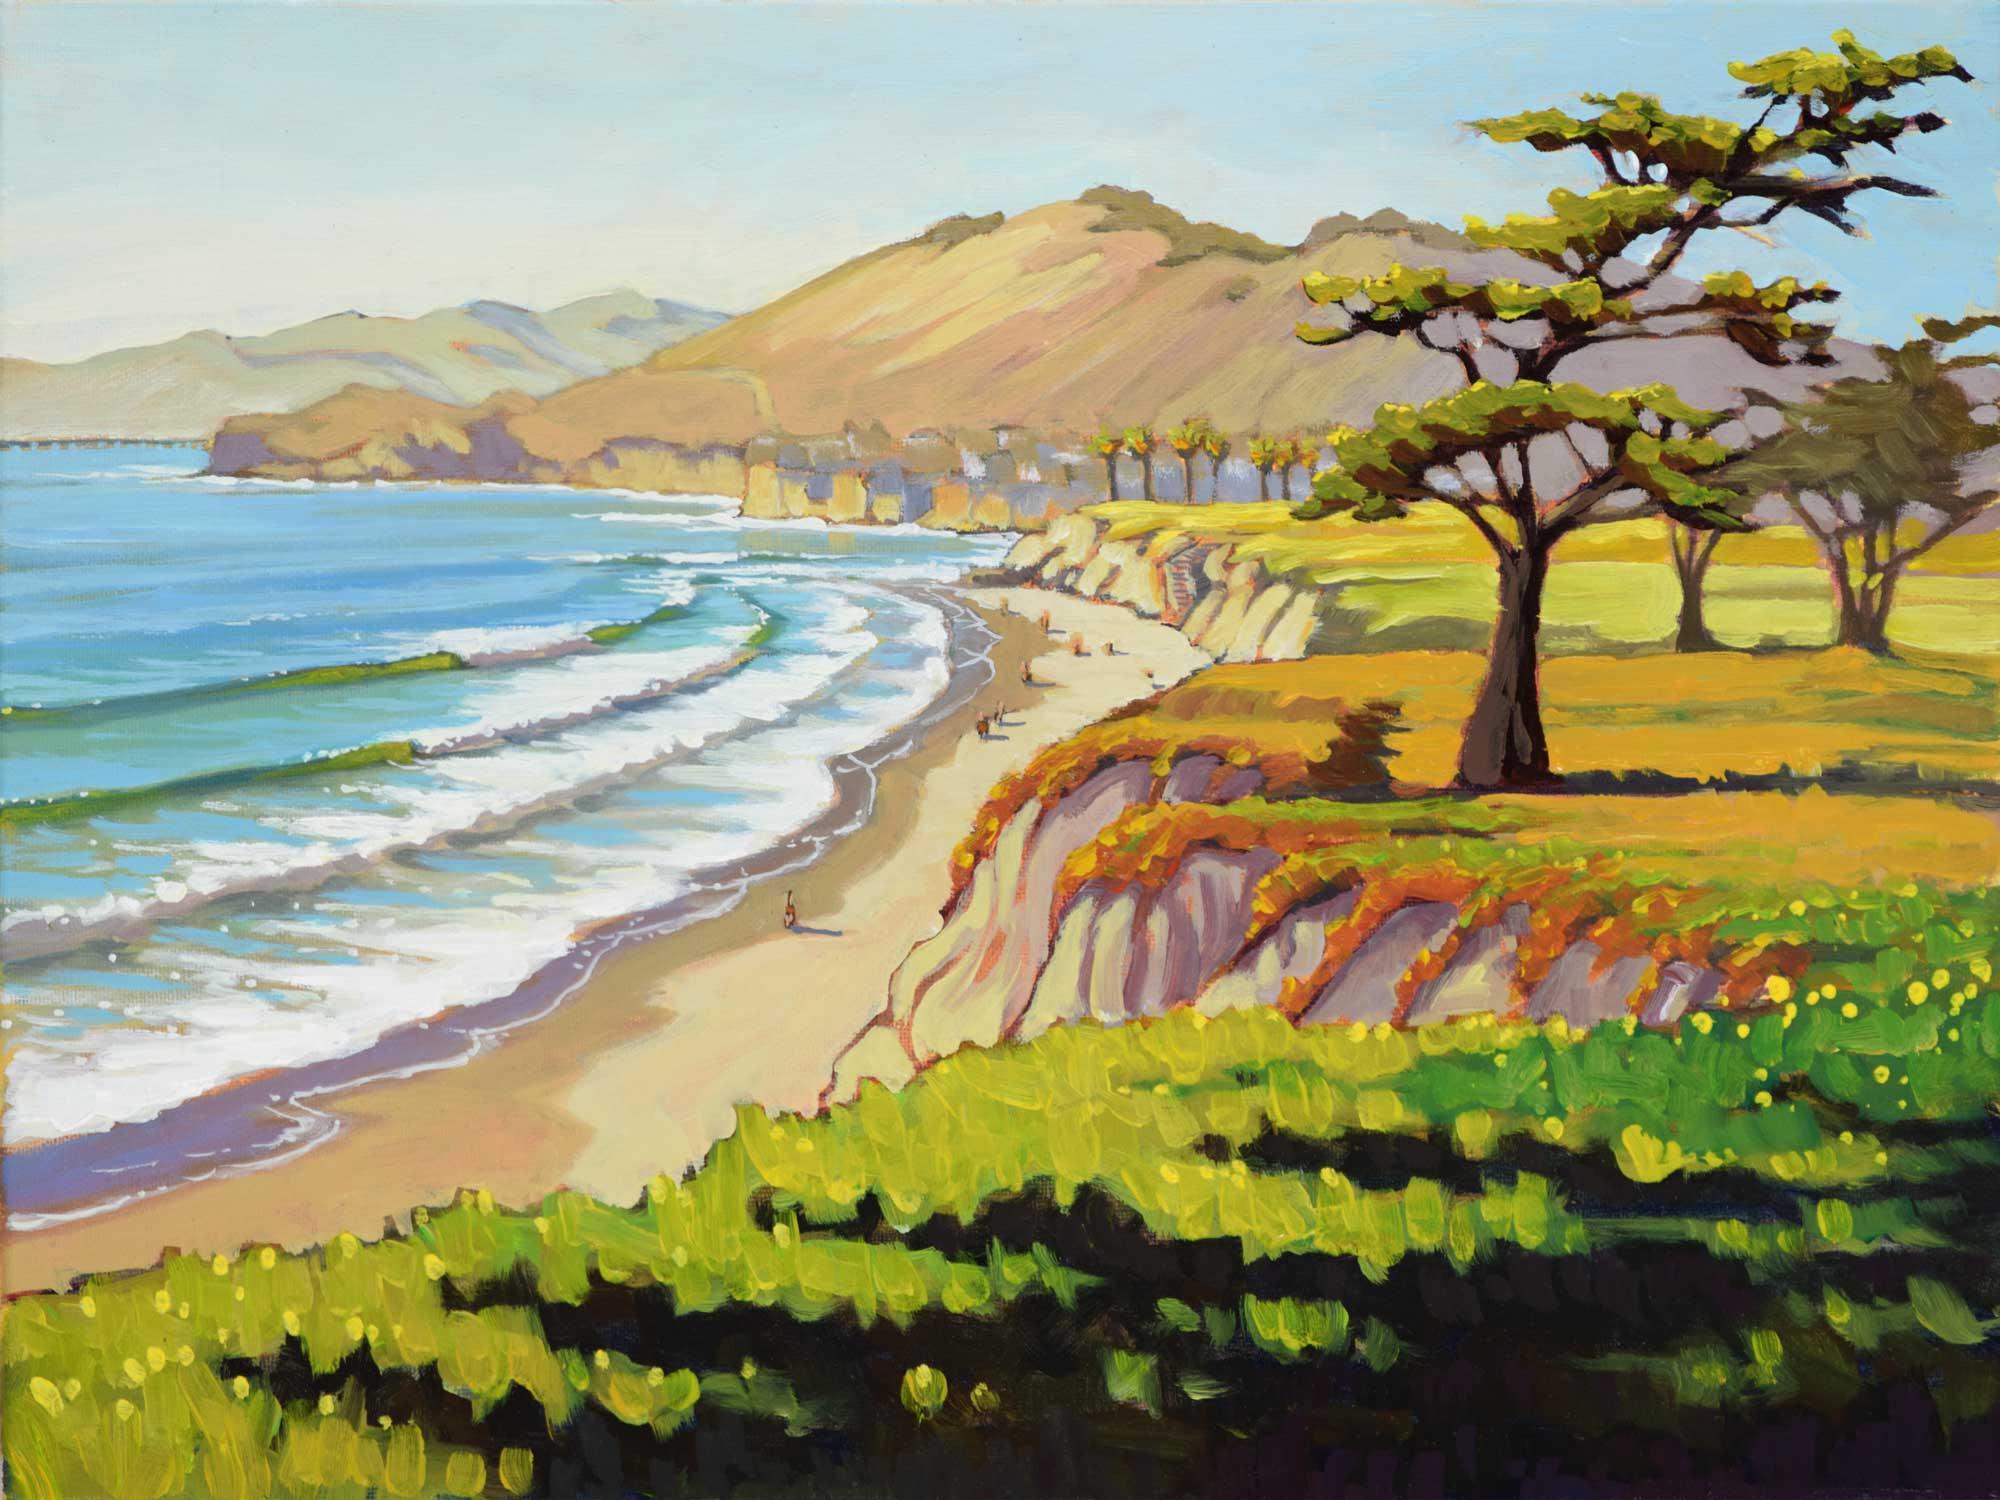 Plein air painting of Ebb Tide Park near Shell Beach on the central California coast of San Luis Obispo County